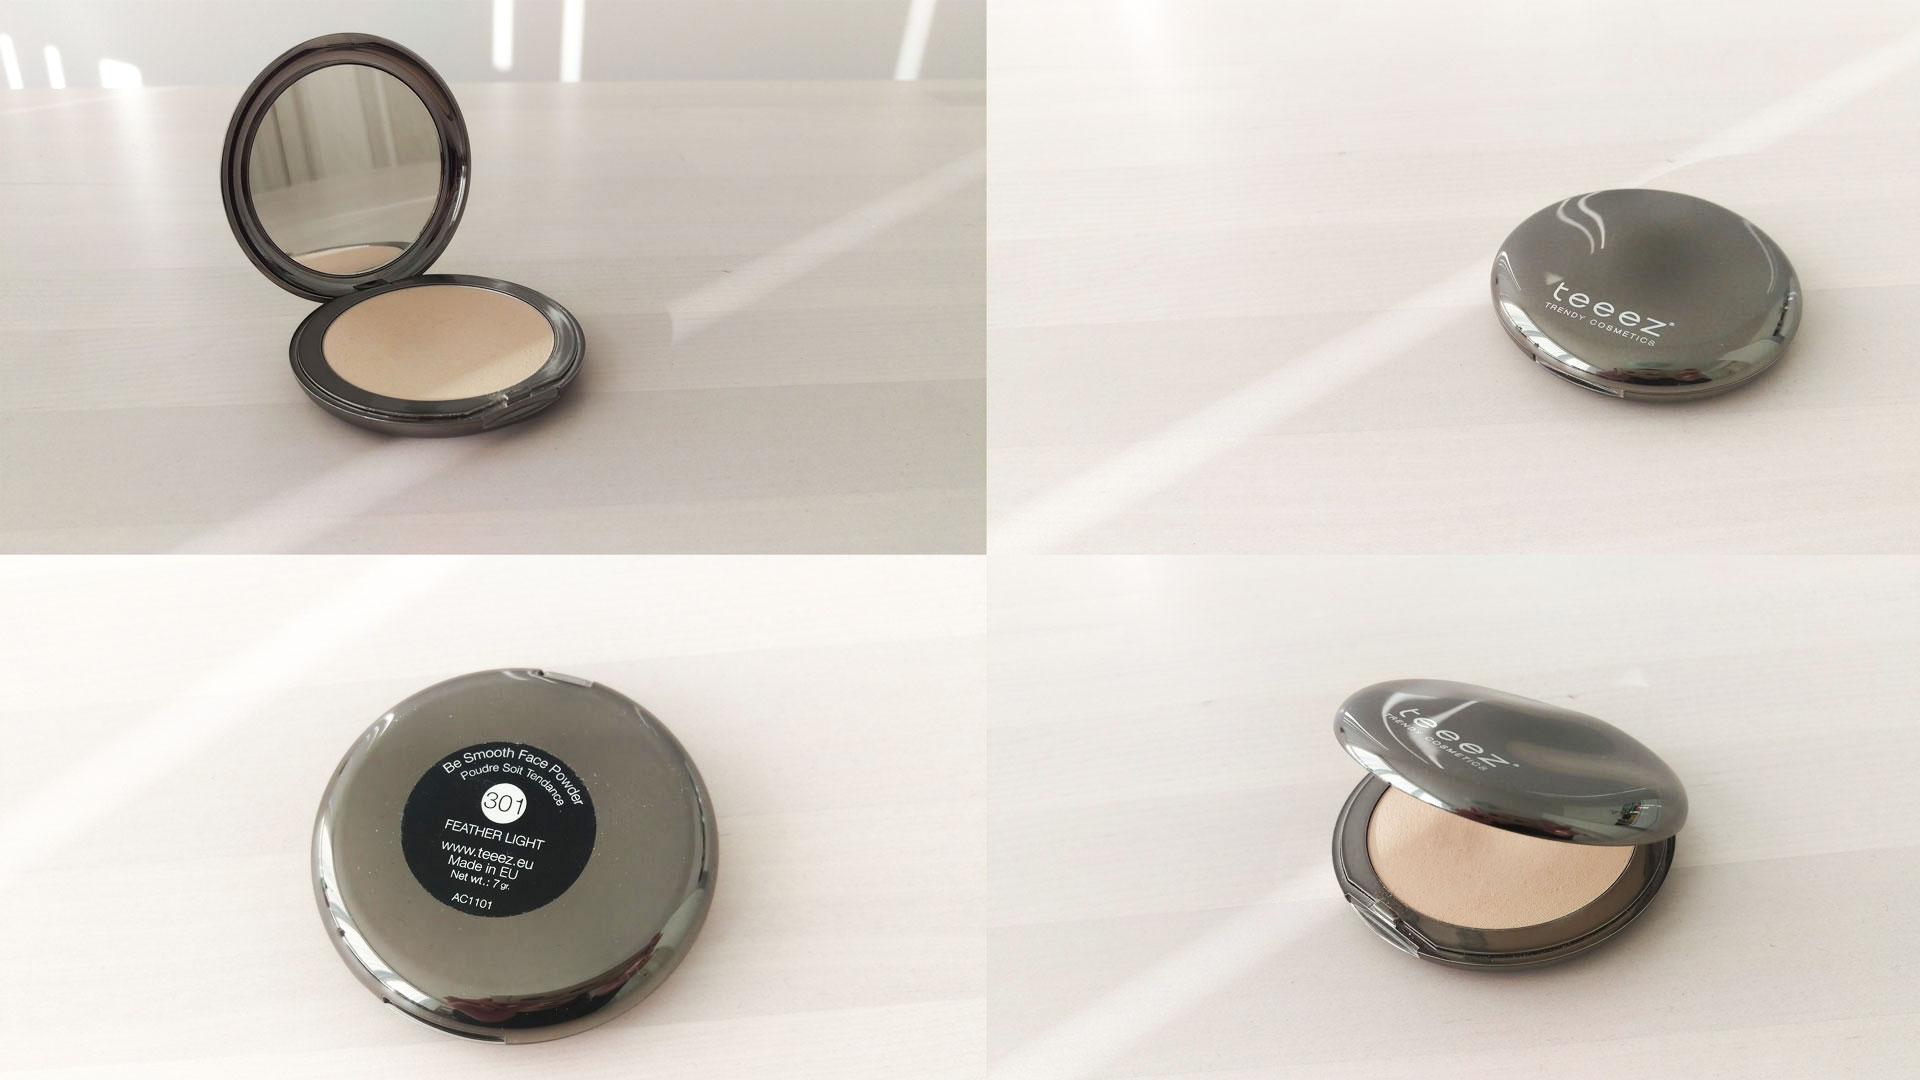 Teeez Cosmetics Pudder Powder 301 darieflavour